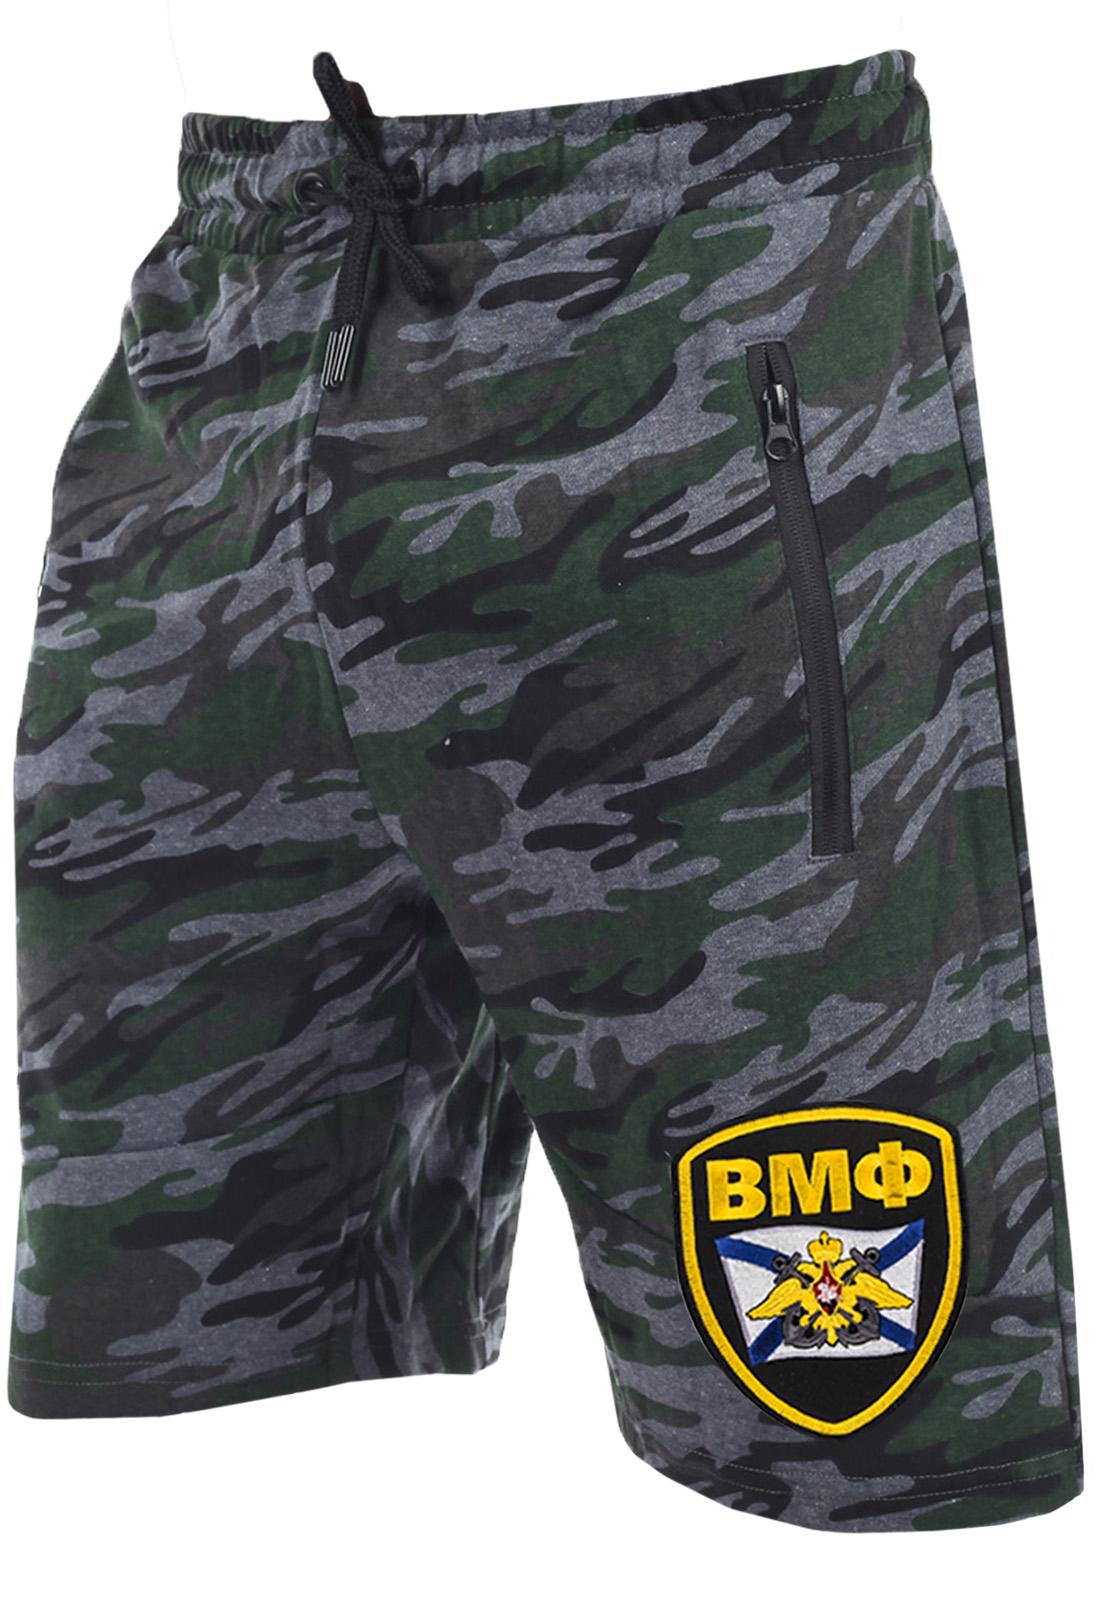 Мужские шорты с карманами на молнии.